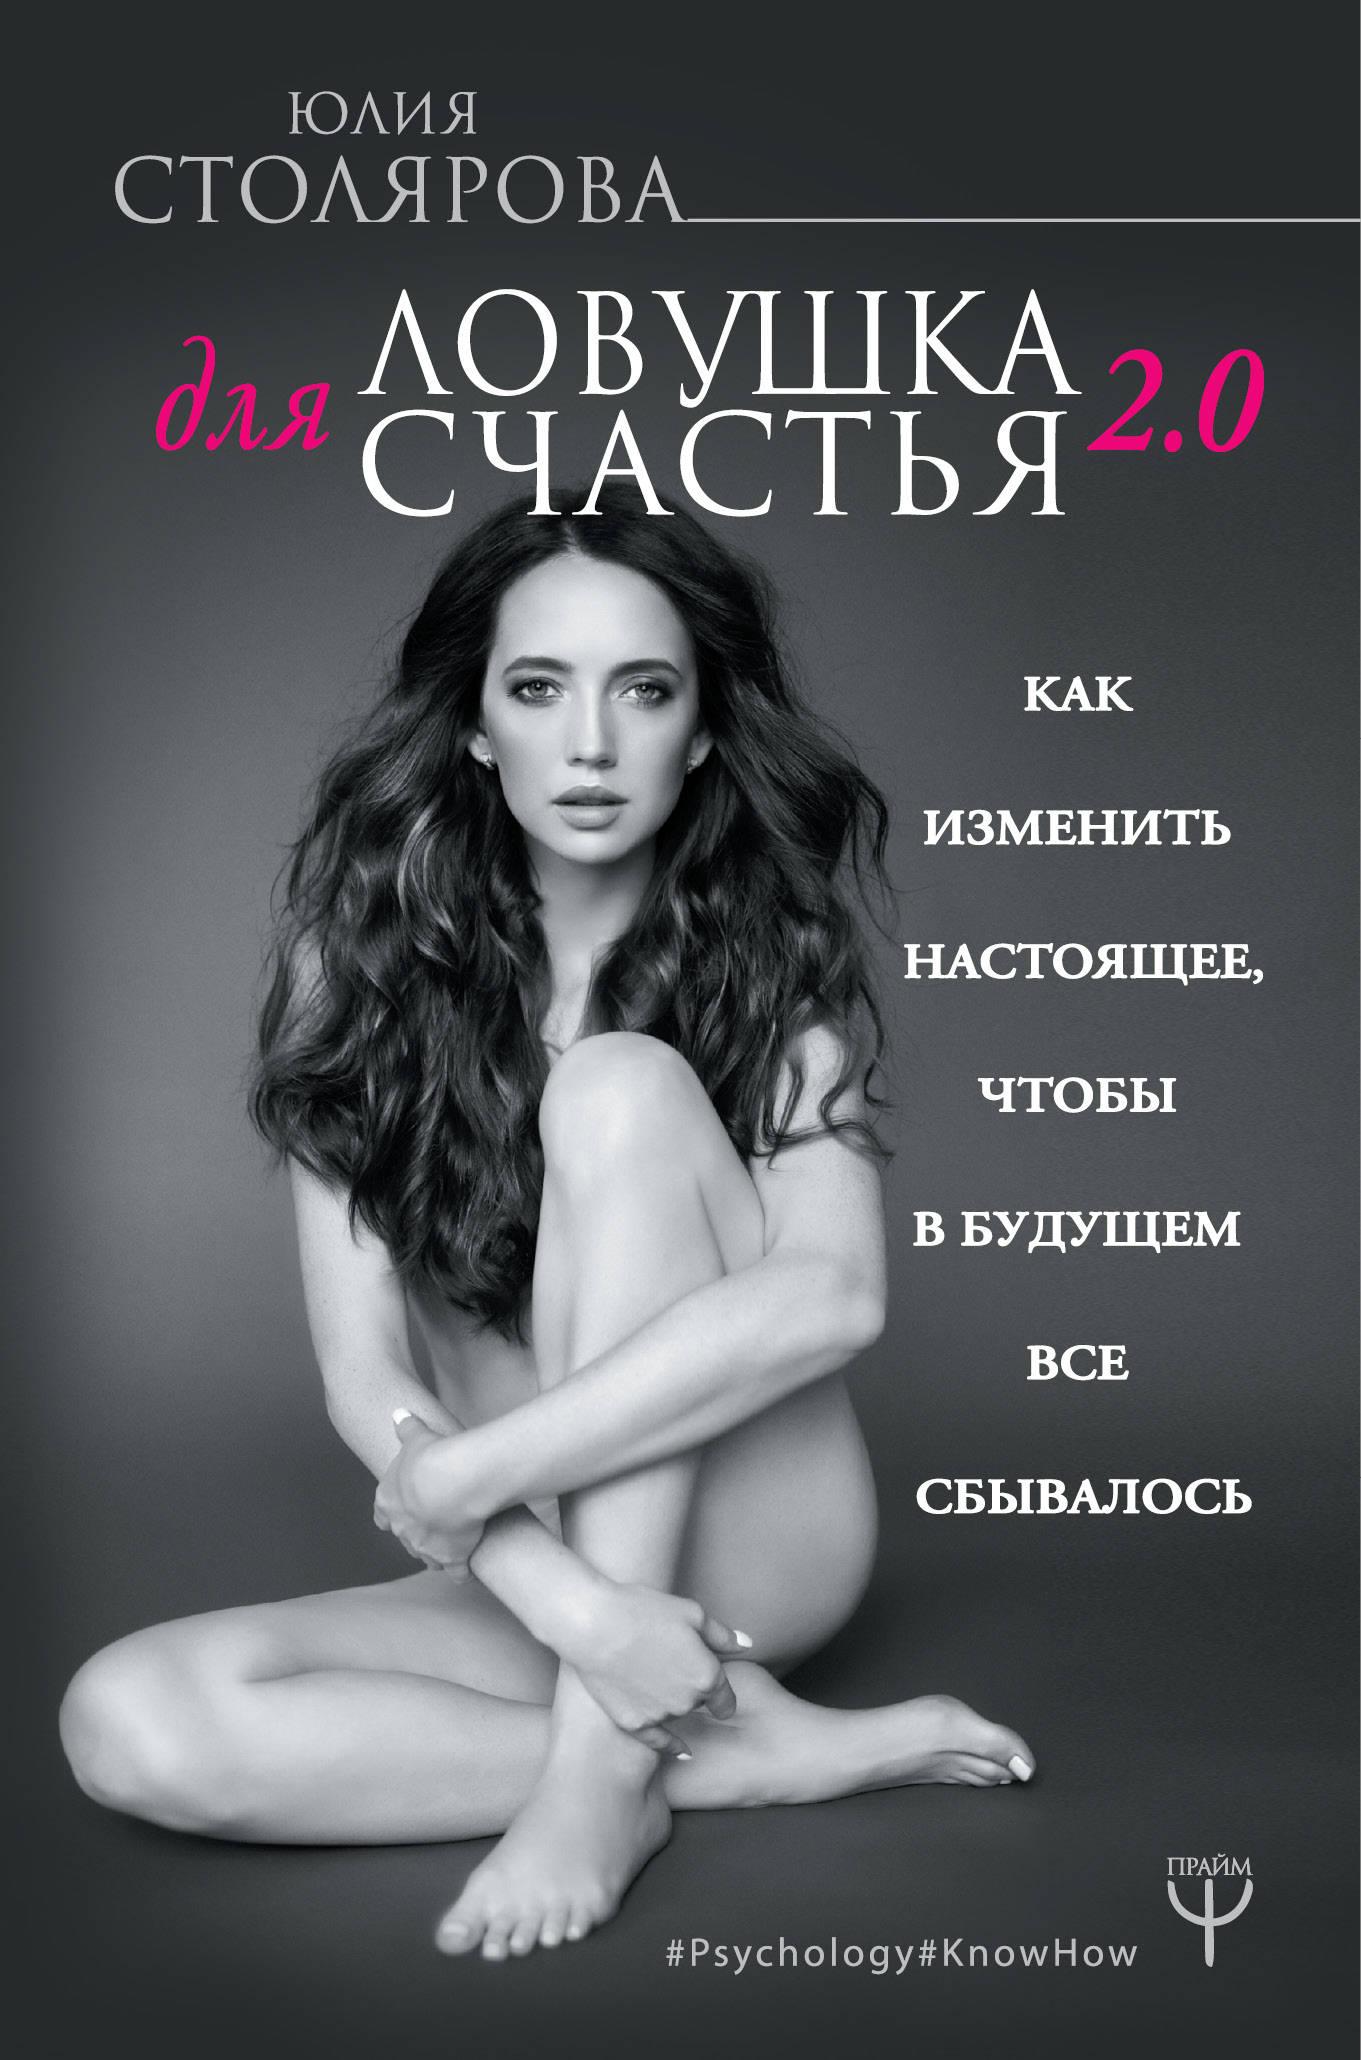 Столярова Юлия Александровна Ловушка для счастья 2.0. Как изменить настоящее, чтобы в будущем все сбывалось